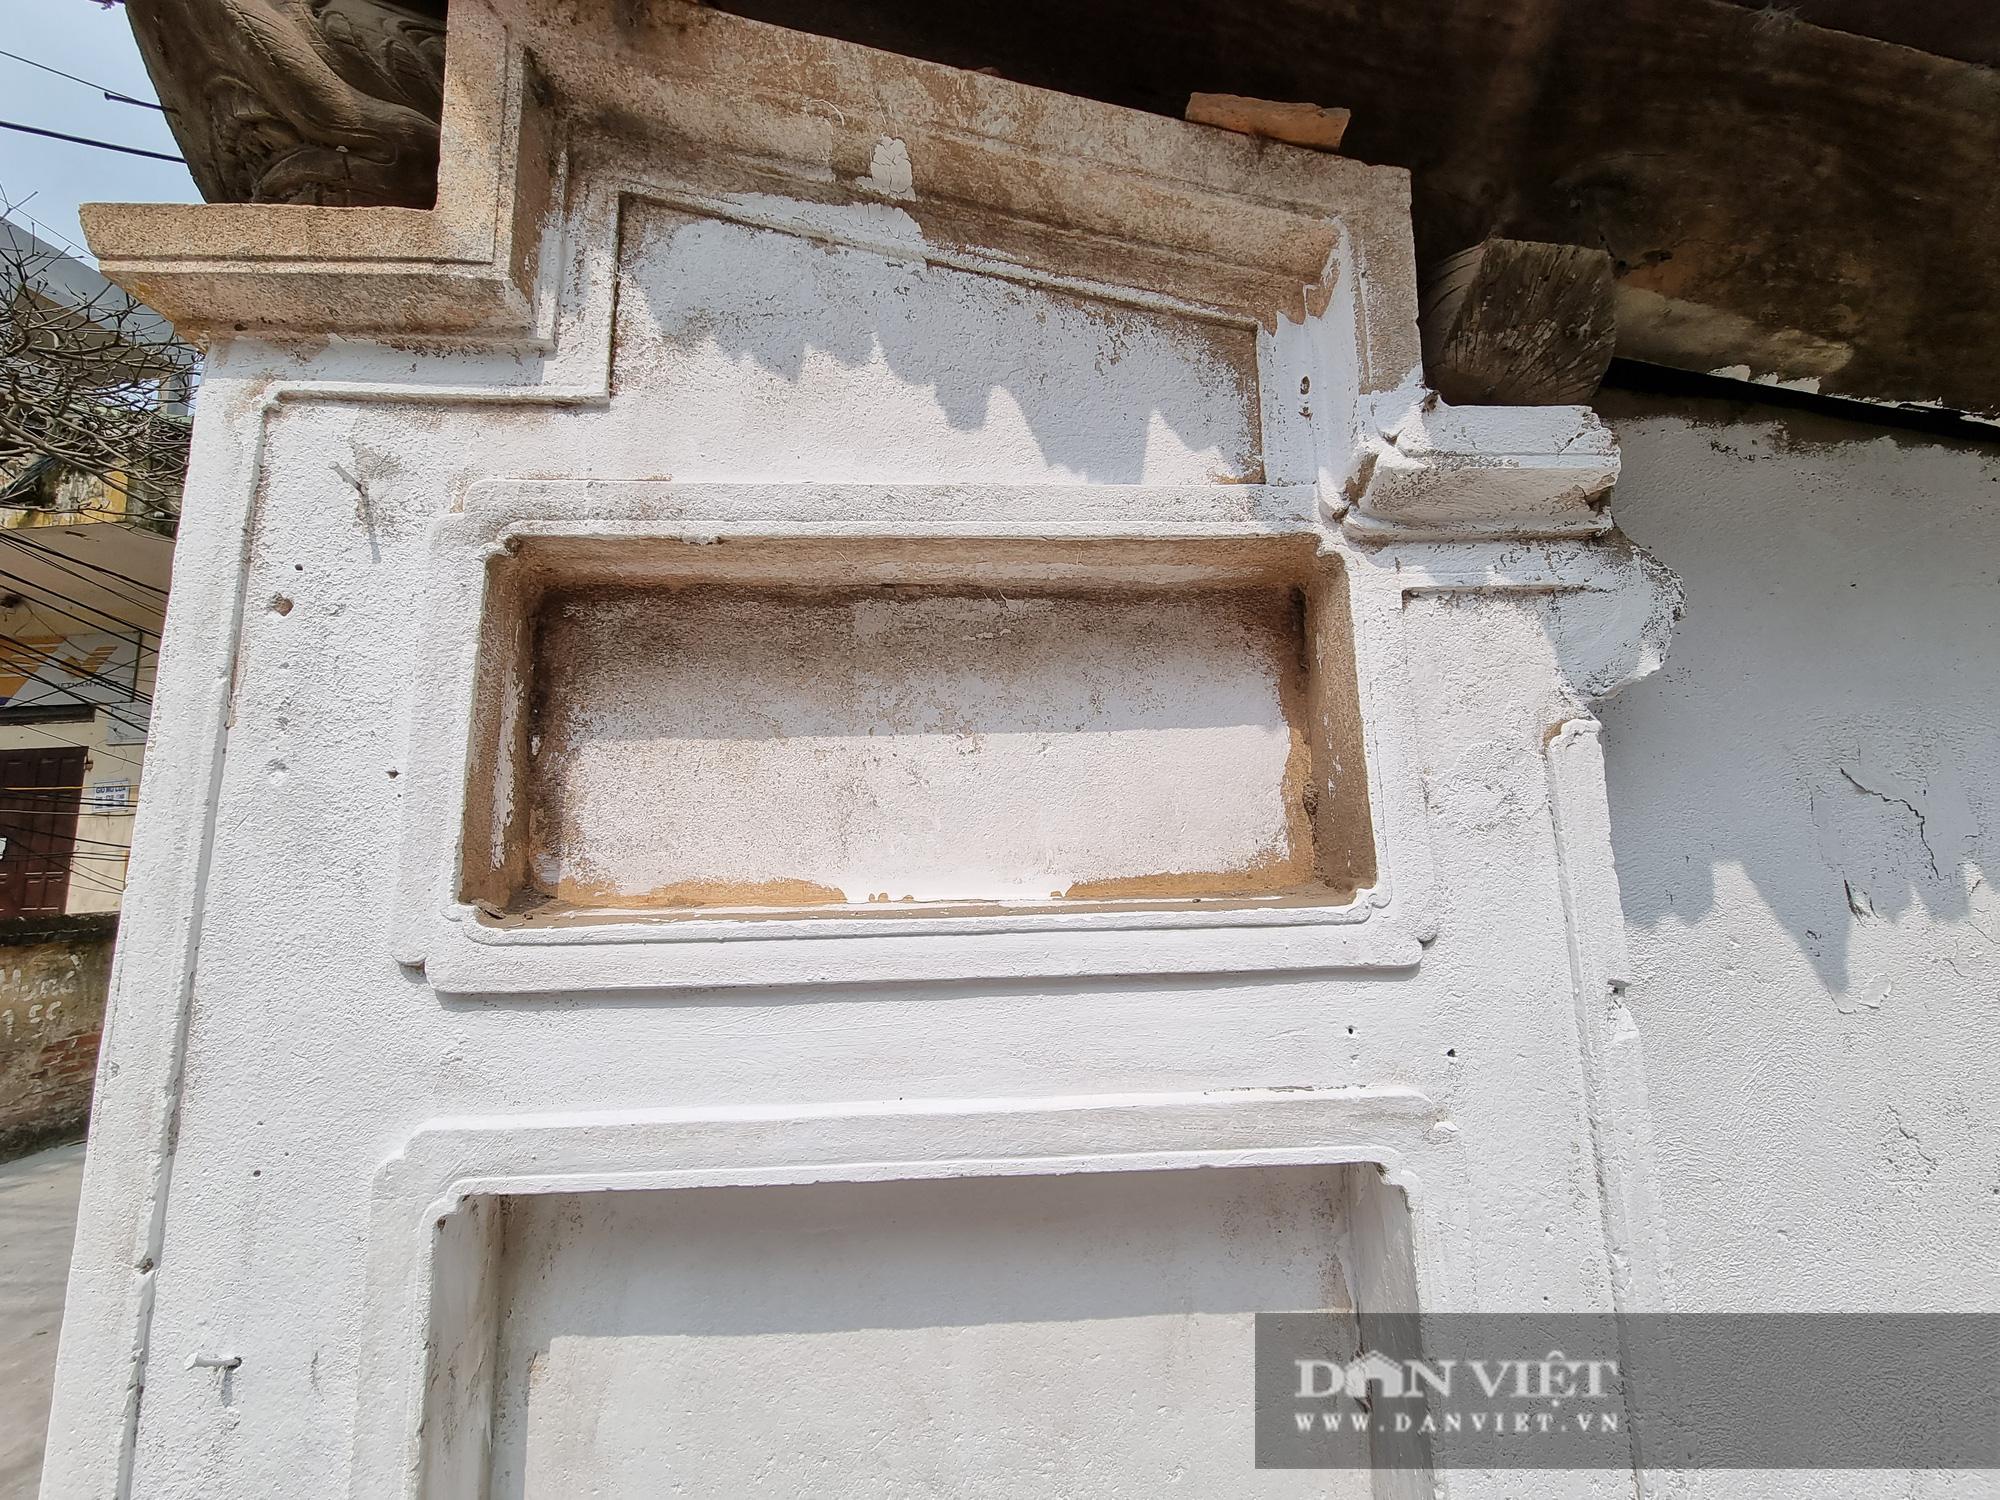 Bức tường tại đình làng cổ Tiên Lữ bất ngờ được sơn trắng - Ảnh 5.